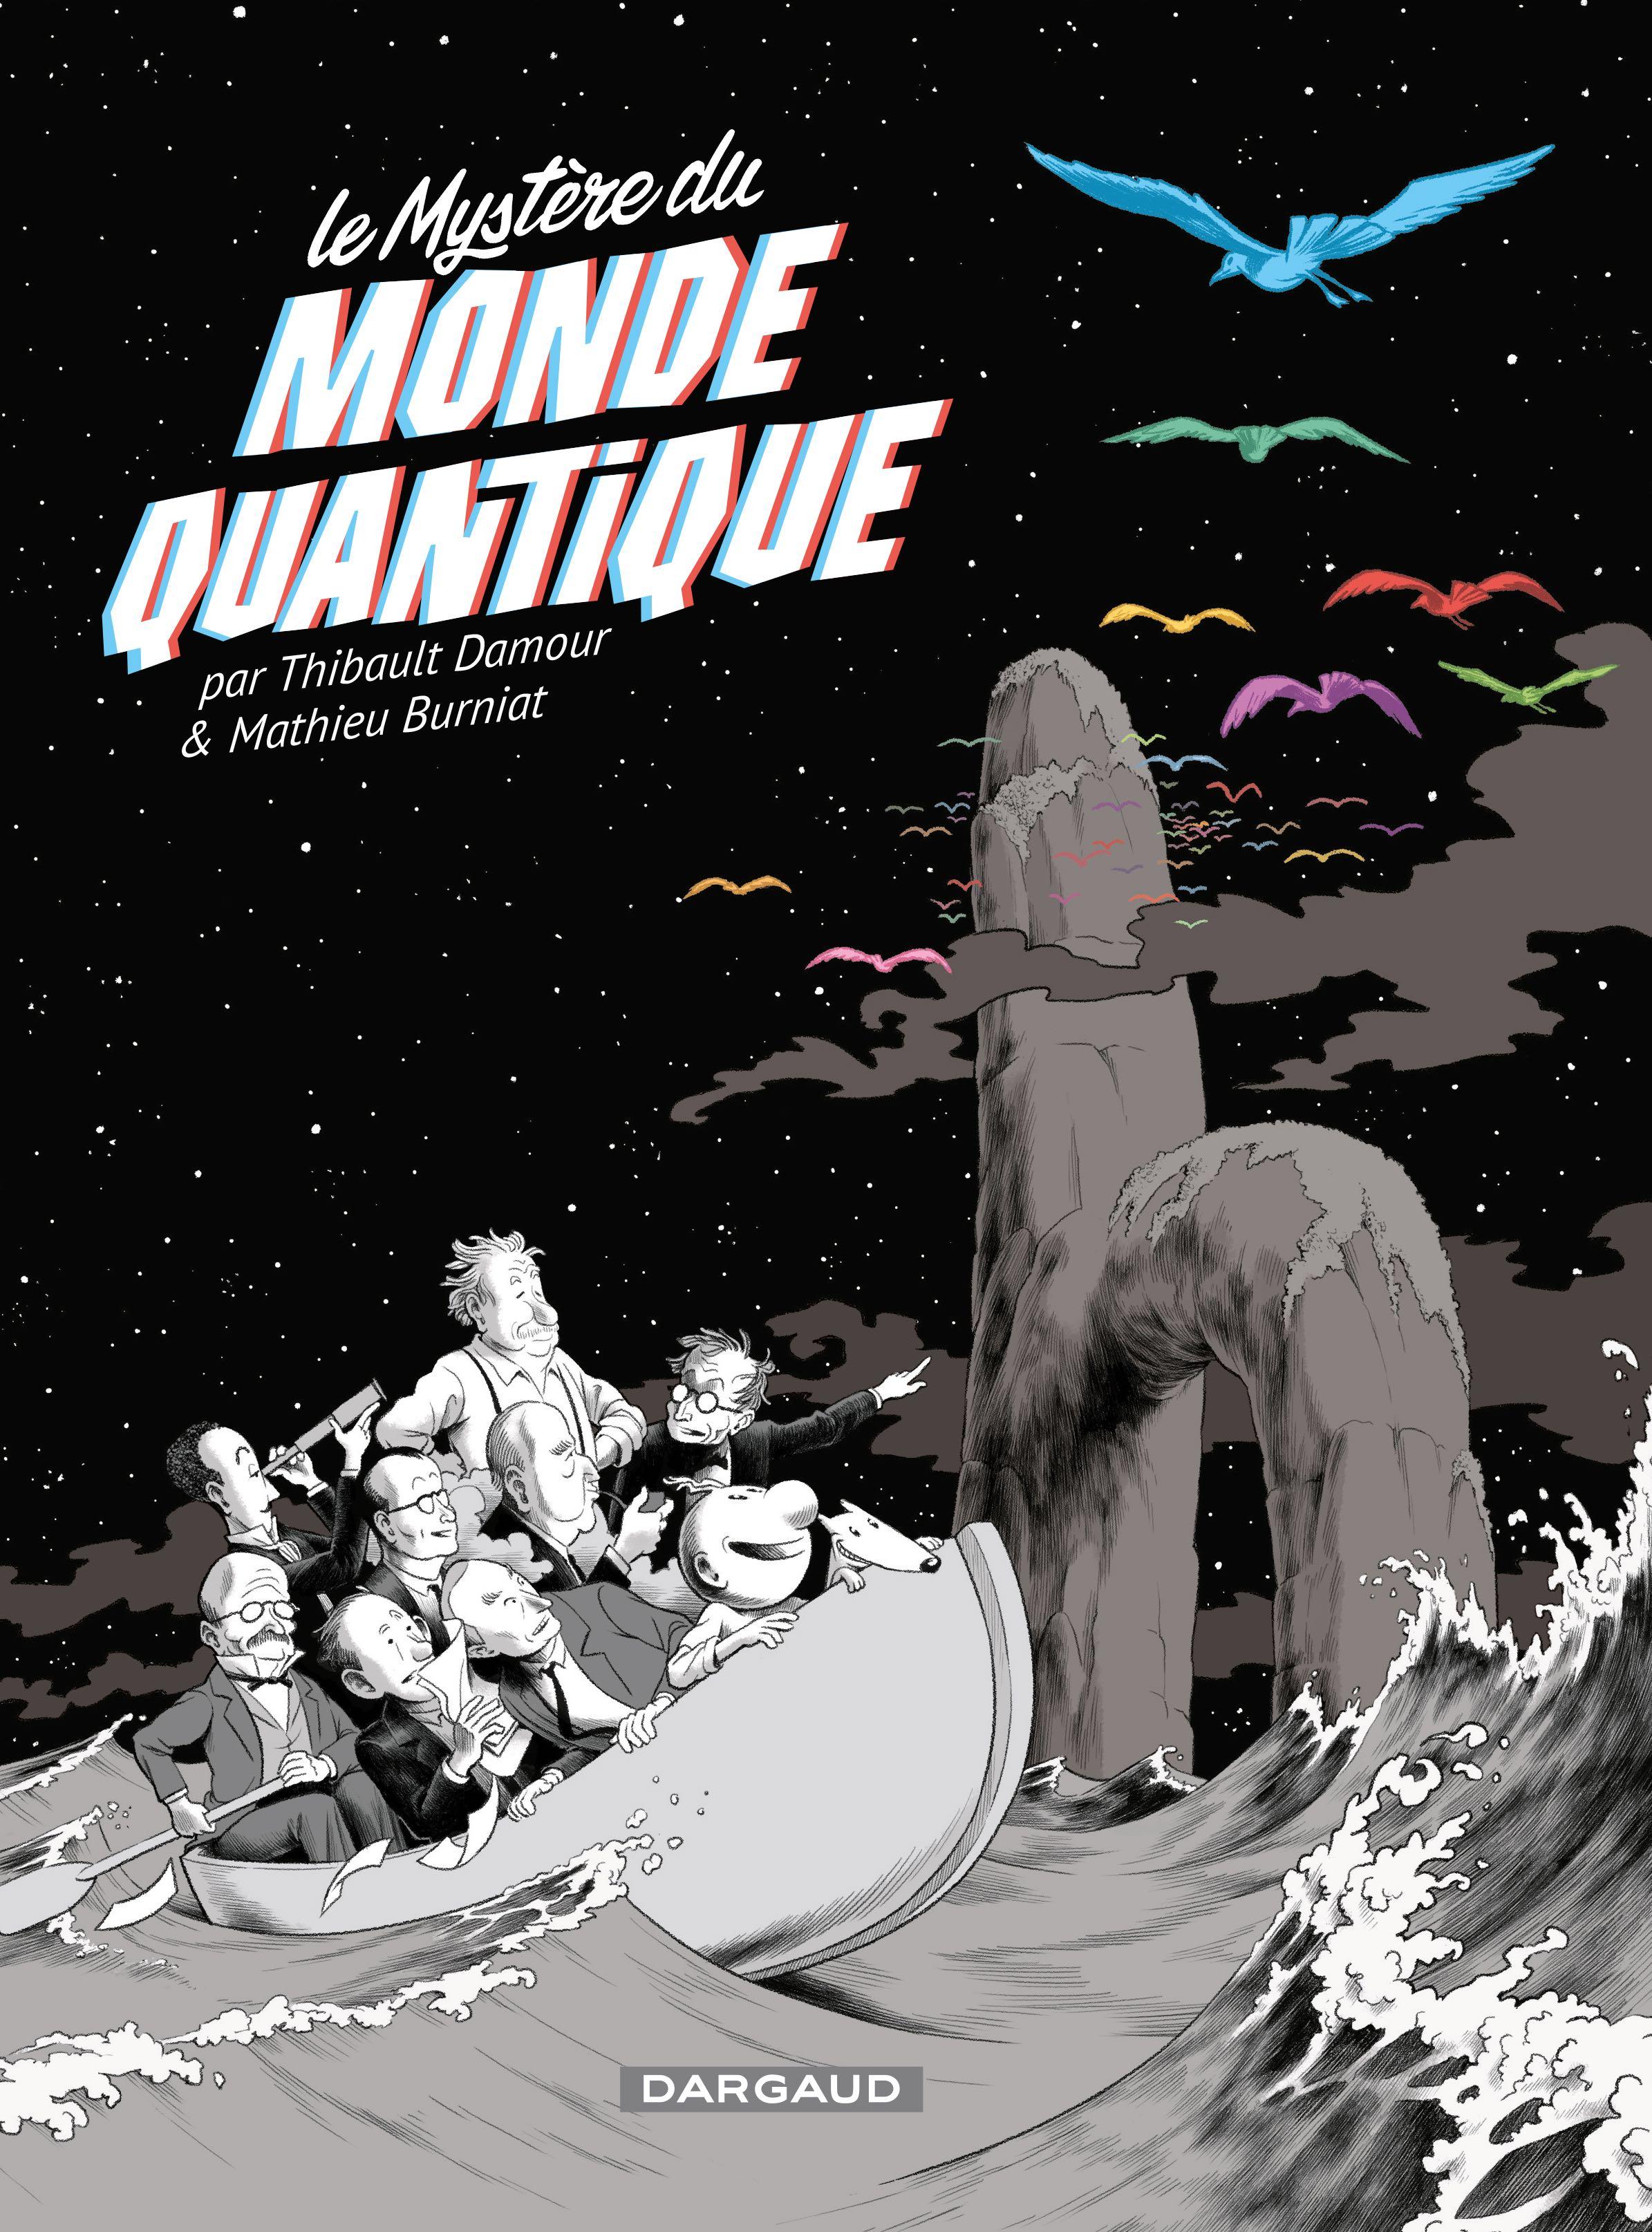 CV_MYSTERE-MONDE-QUANTIQUE-1